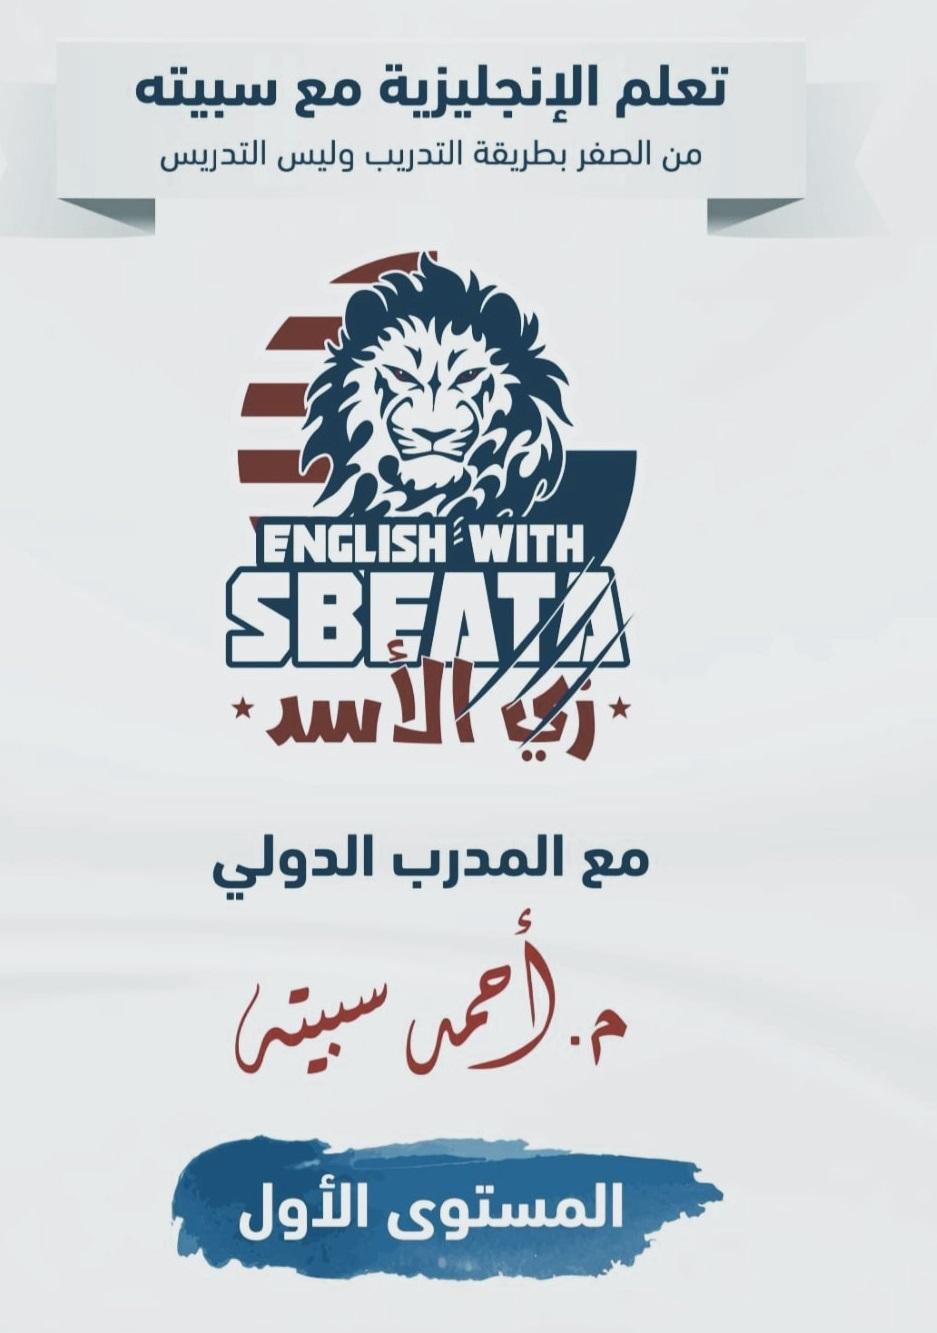 تعلم الإنجليزية بطريقة التدريب وليس التدريس من الصفر إلي الاحتراف بكل سهولة وبساطة 12459